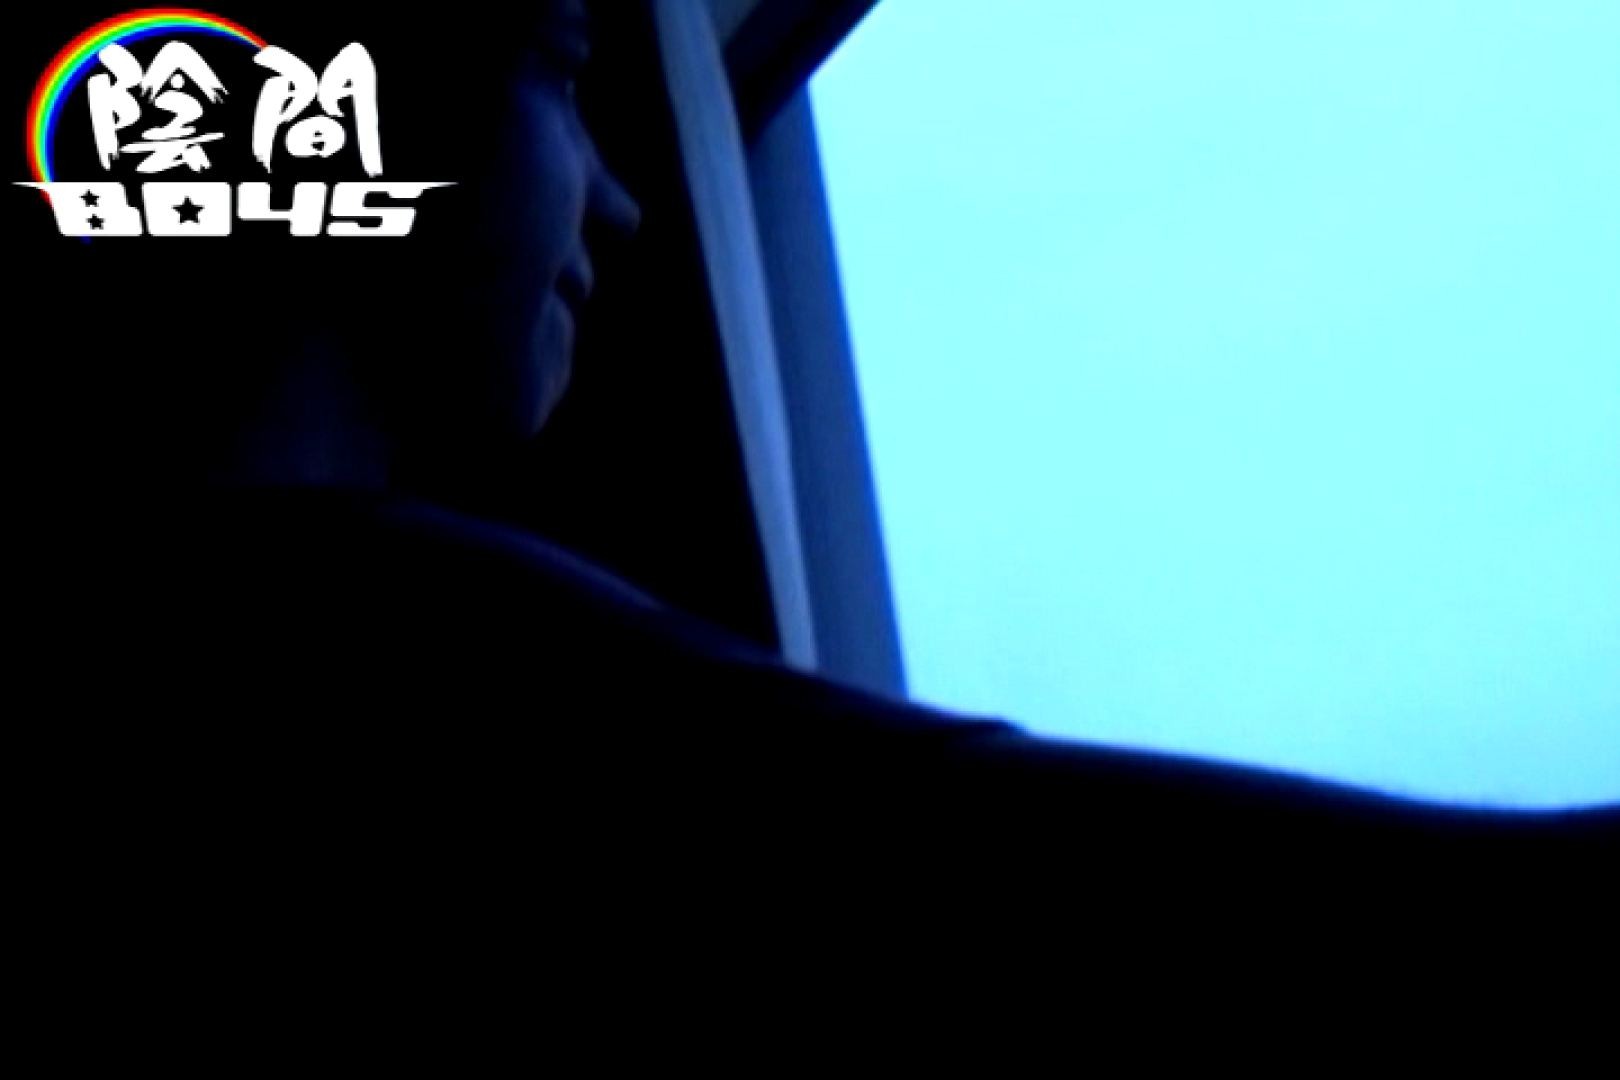 陰間BOYS~Mixed Hot-Guy~01 オナニー アダルトビデオ画像キャプチャ 79pic 5